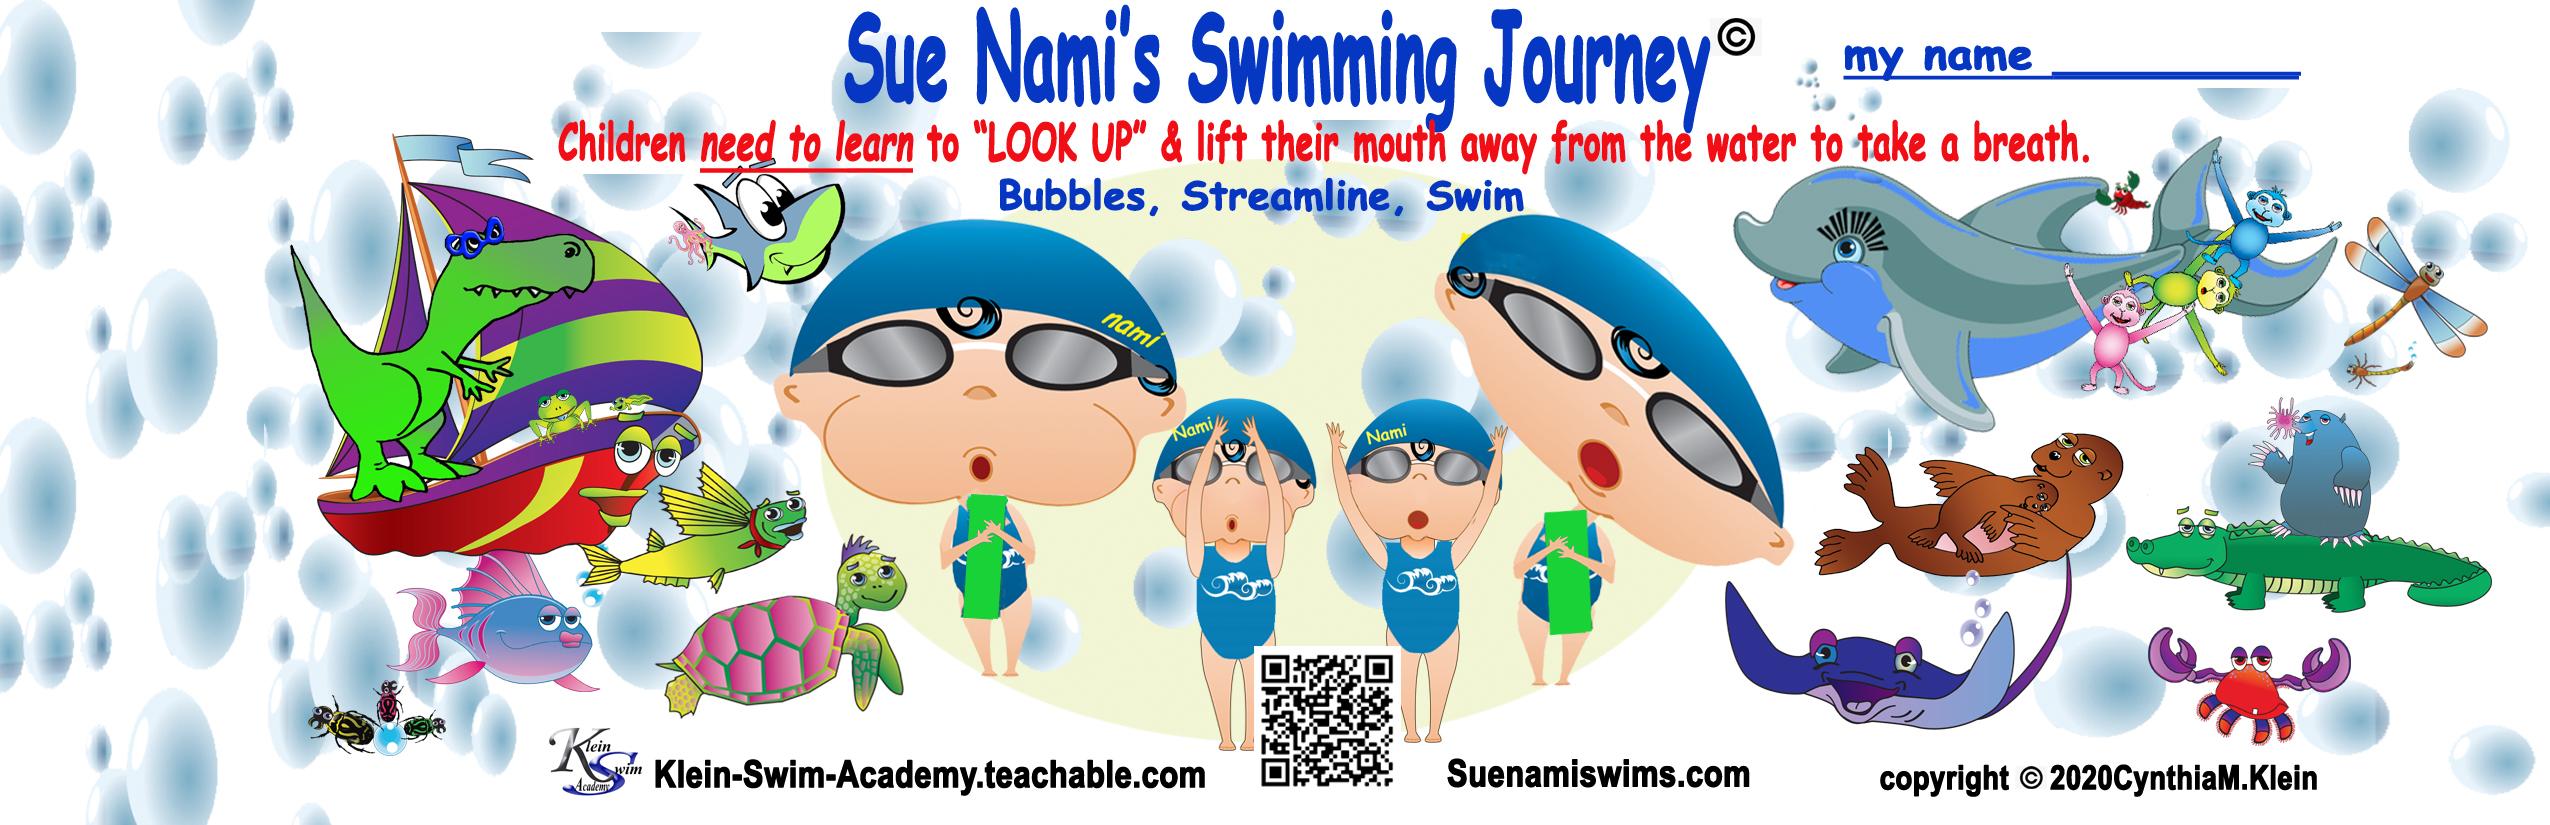 Sue Nami